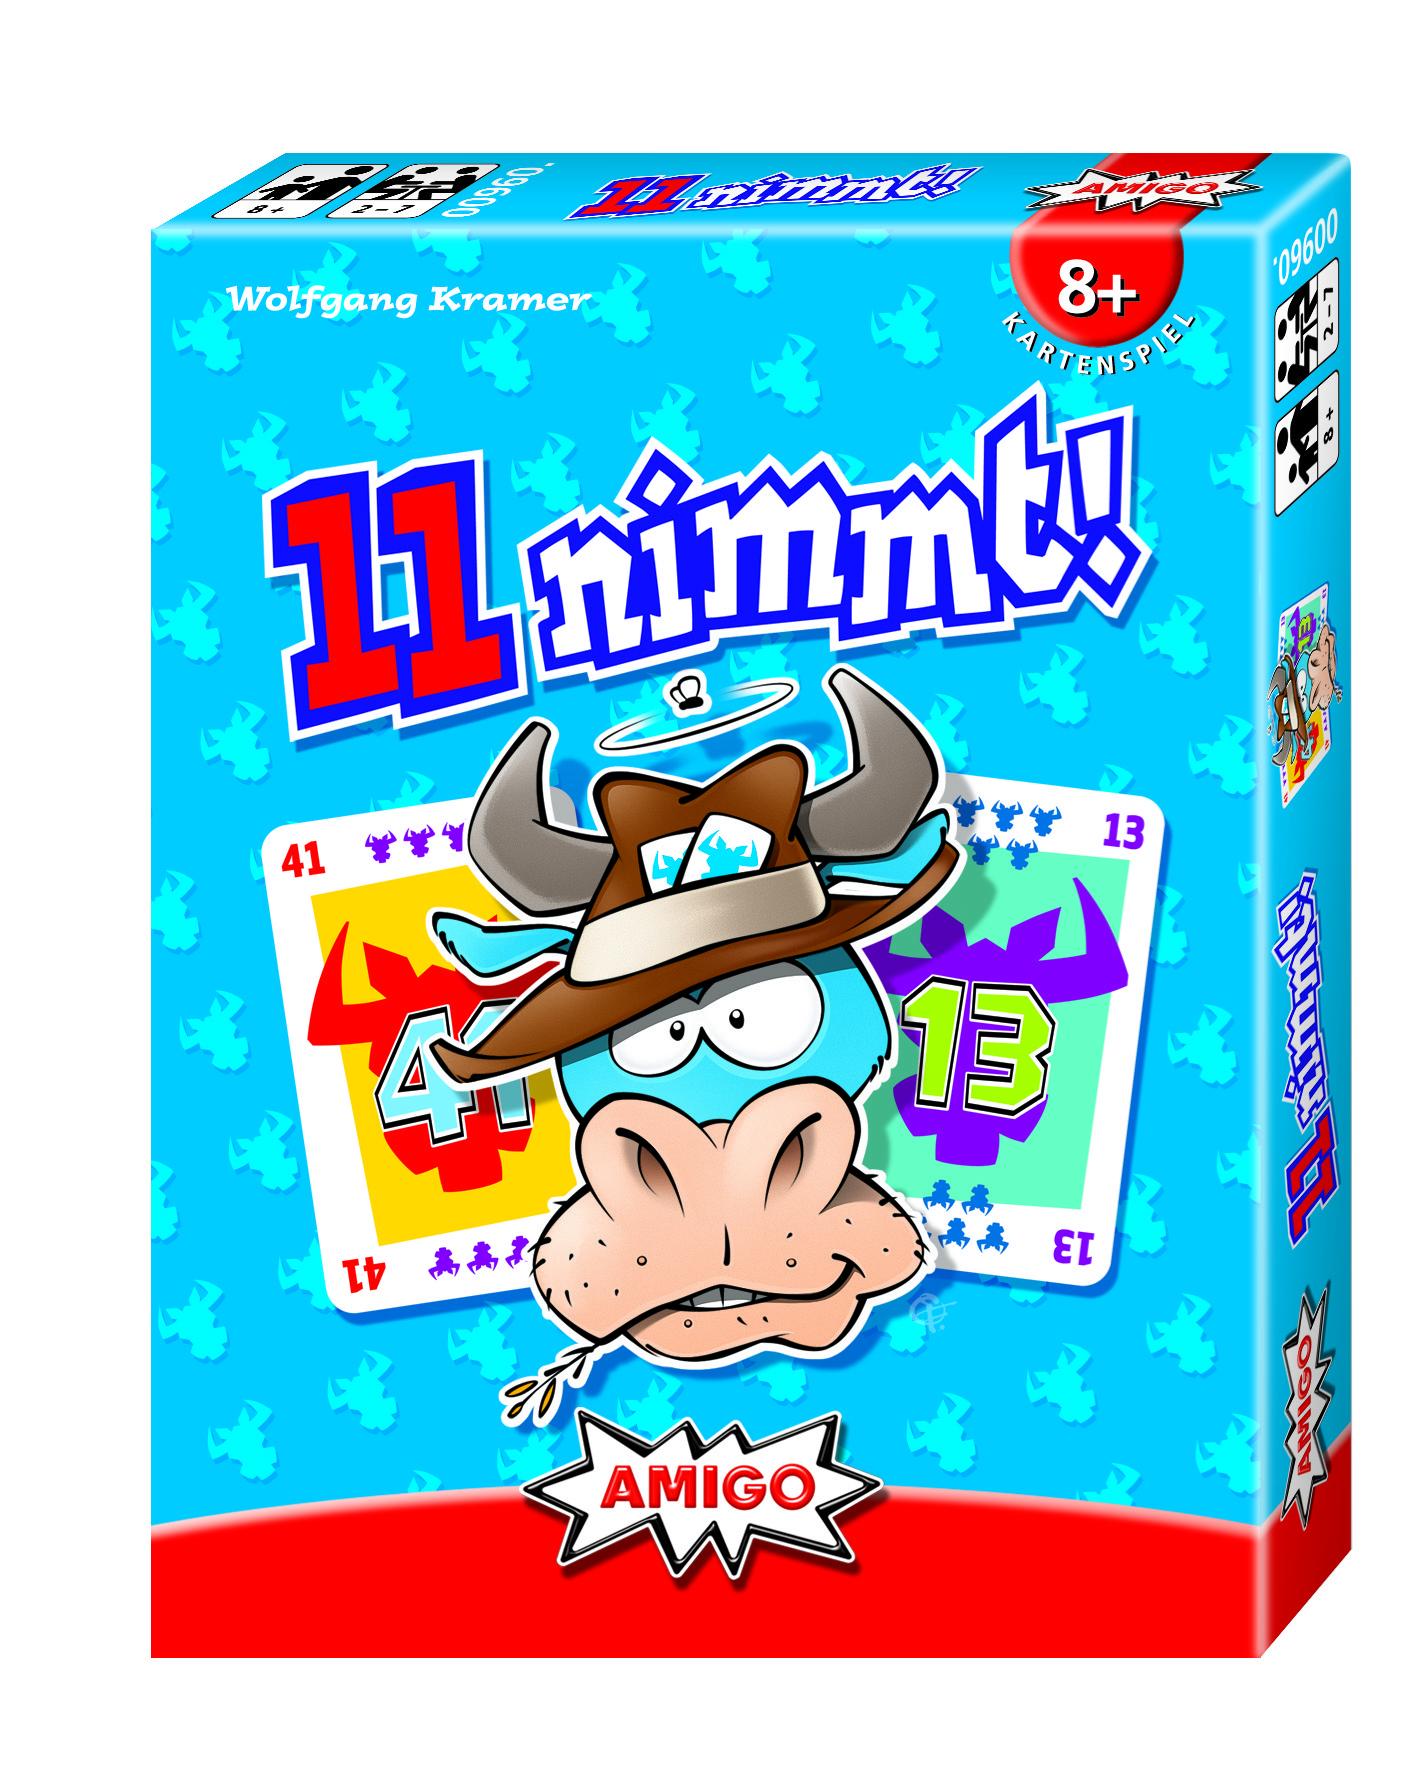 Amigo Kartenspiel 11 nimmt